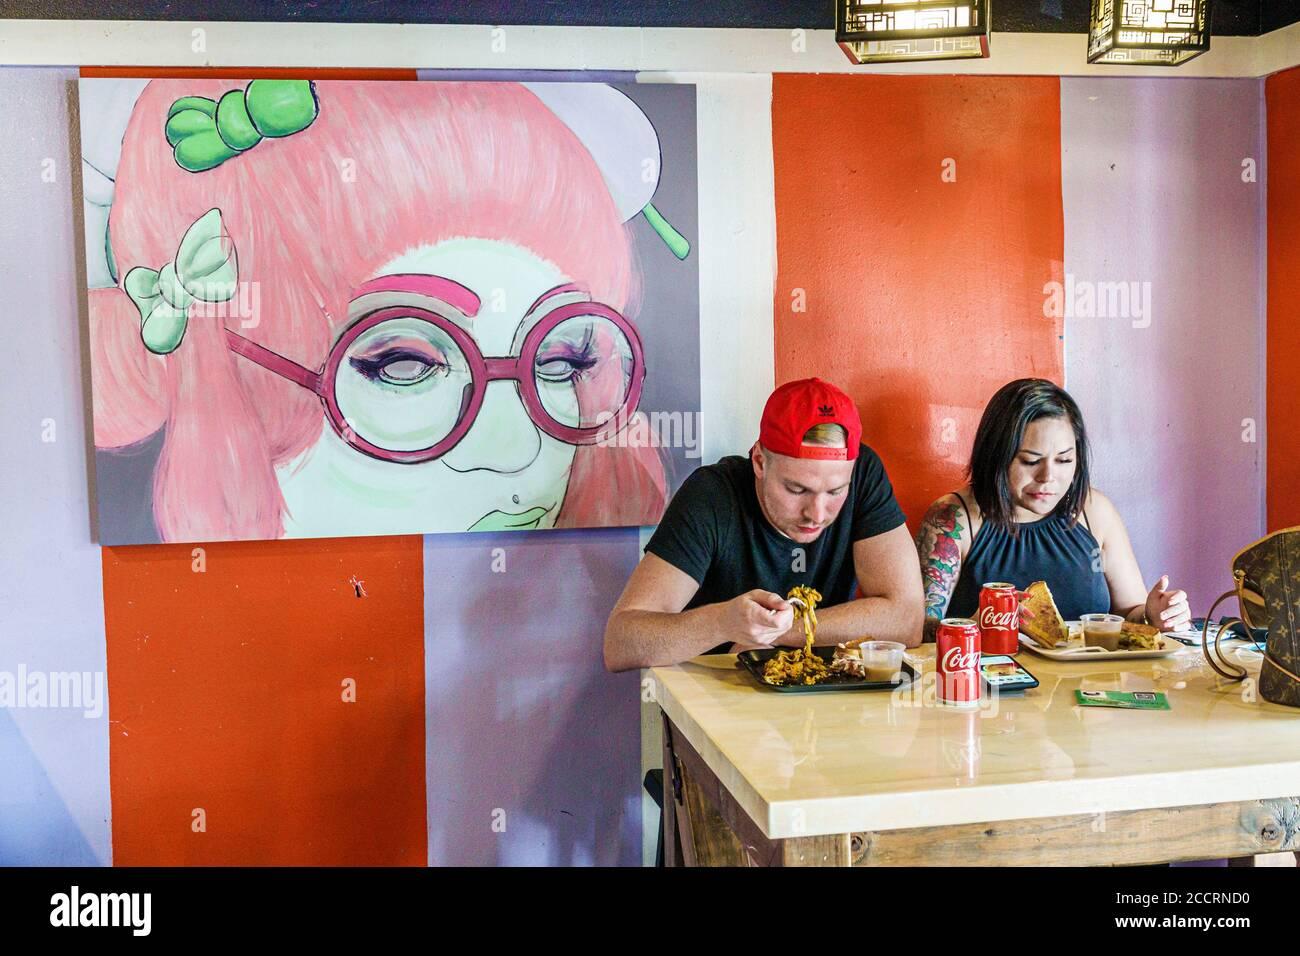 Floride Orlando East Central Park North Bumby Avenue Pom Pom's. Teahouse & Sandwicheria restaurant à l'intérieur homme femme couple manger des œuvres d'art décor Banque D'Images